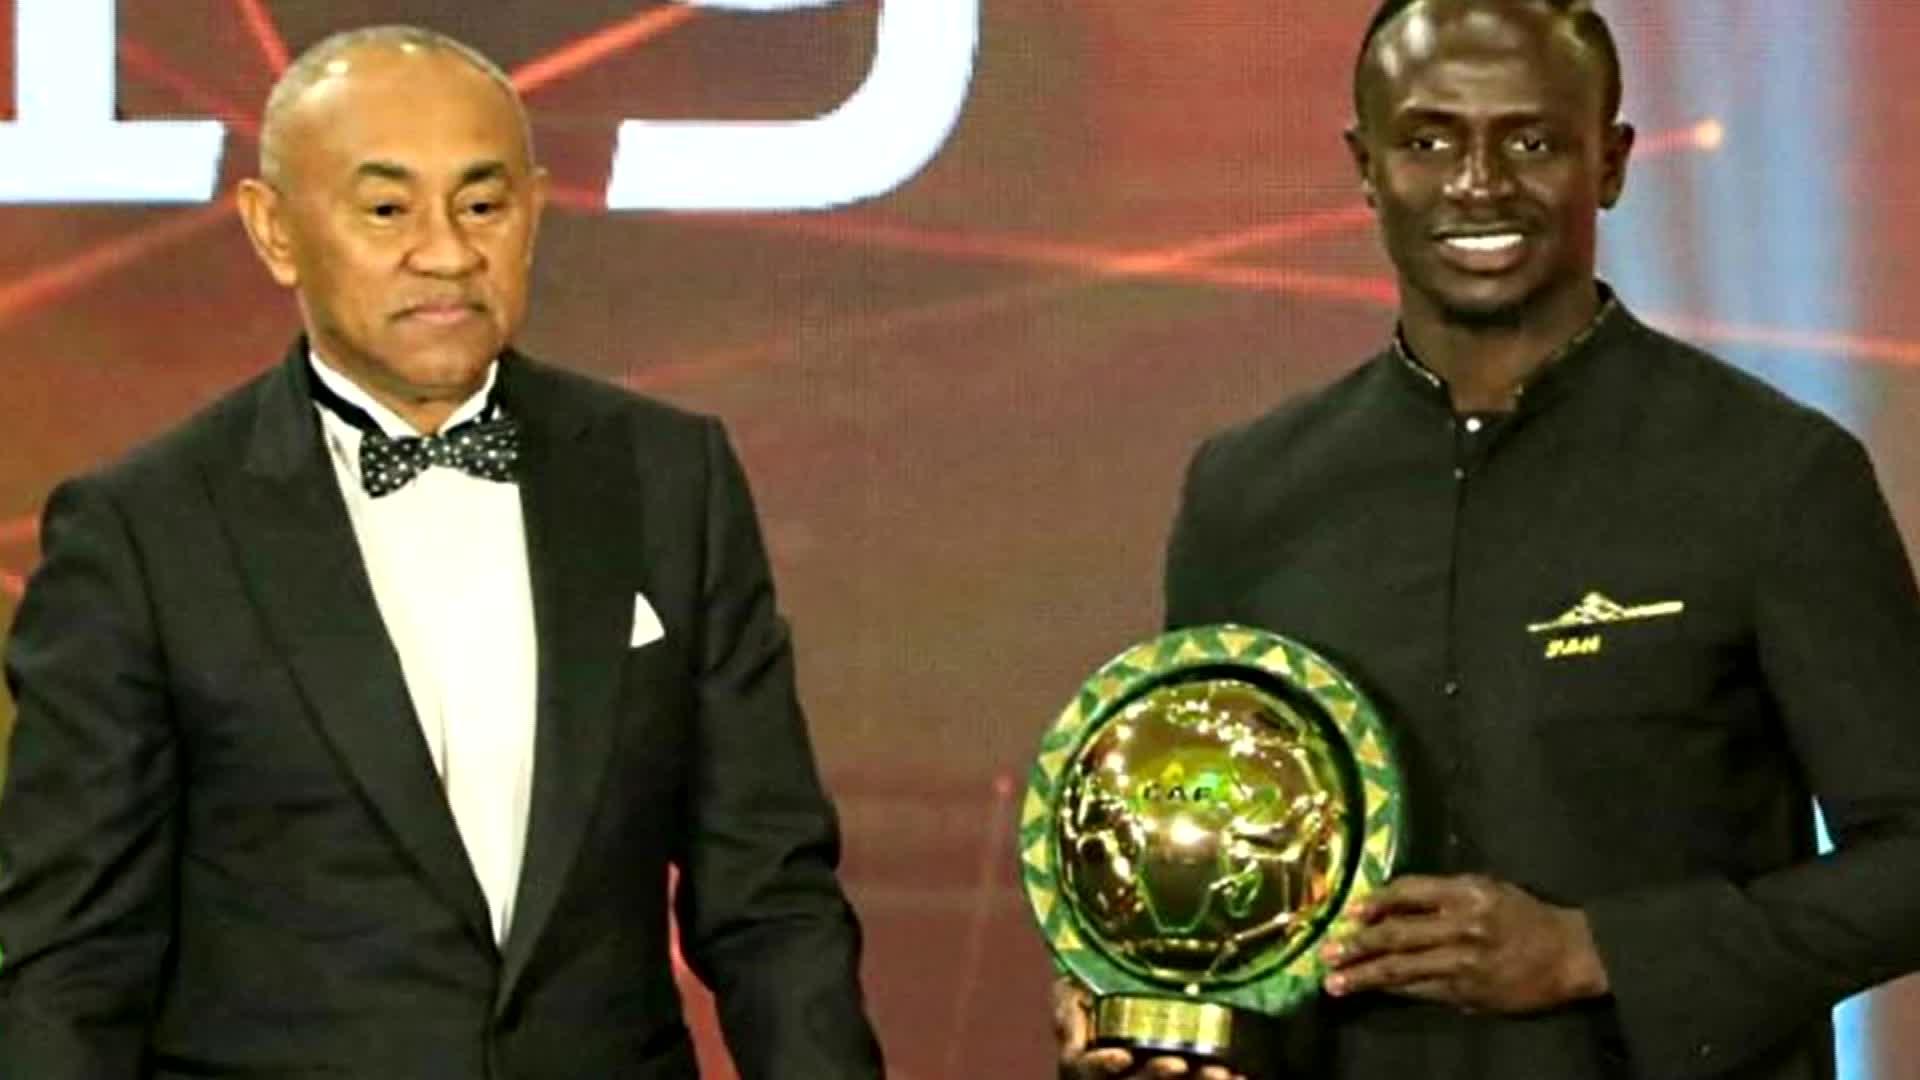 马内力压萨拉赫马赫雷斯 加冕非洲年度最佳球员大奖